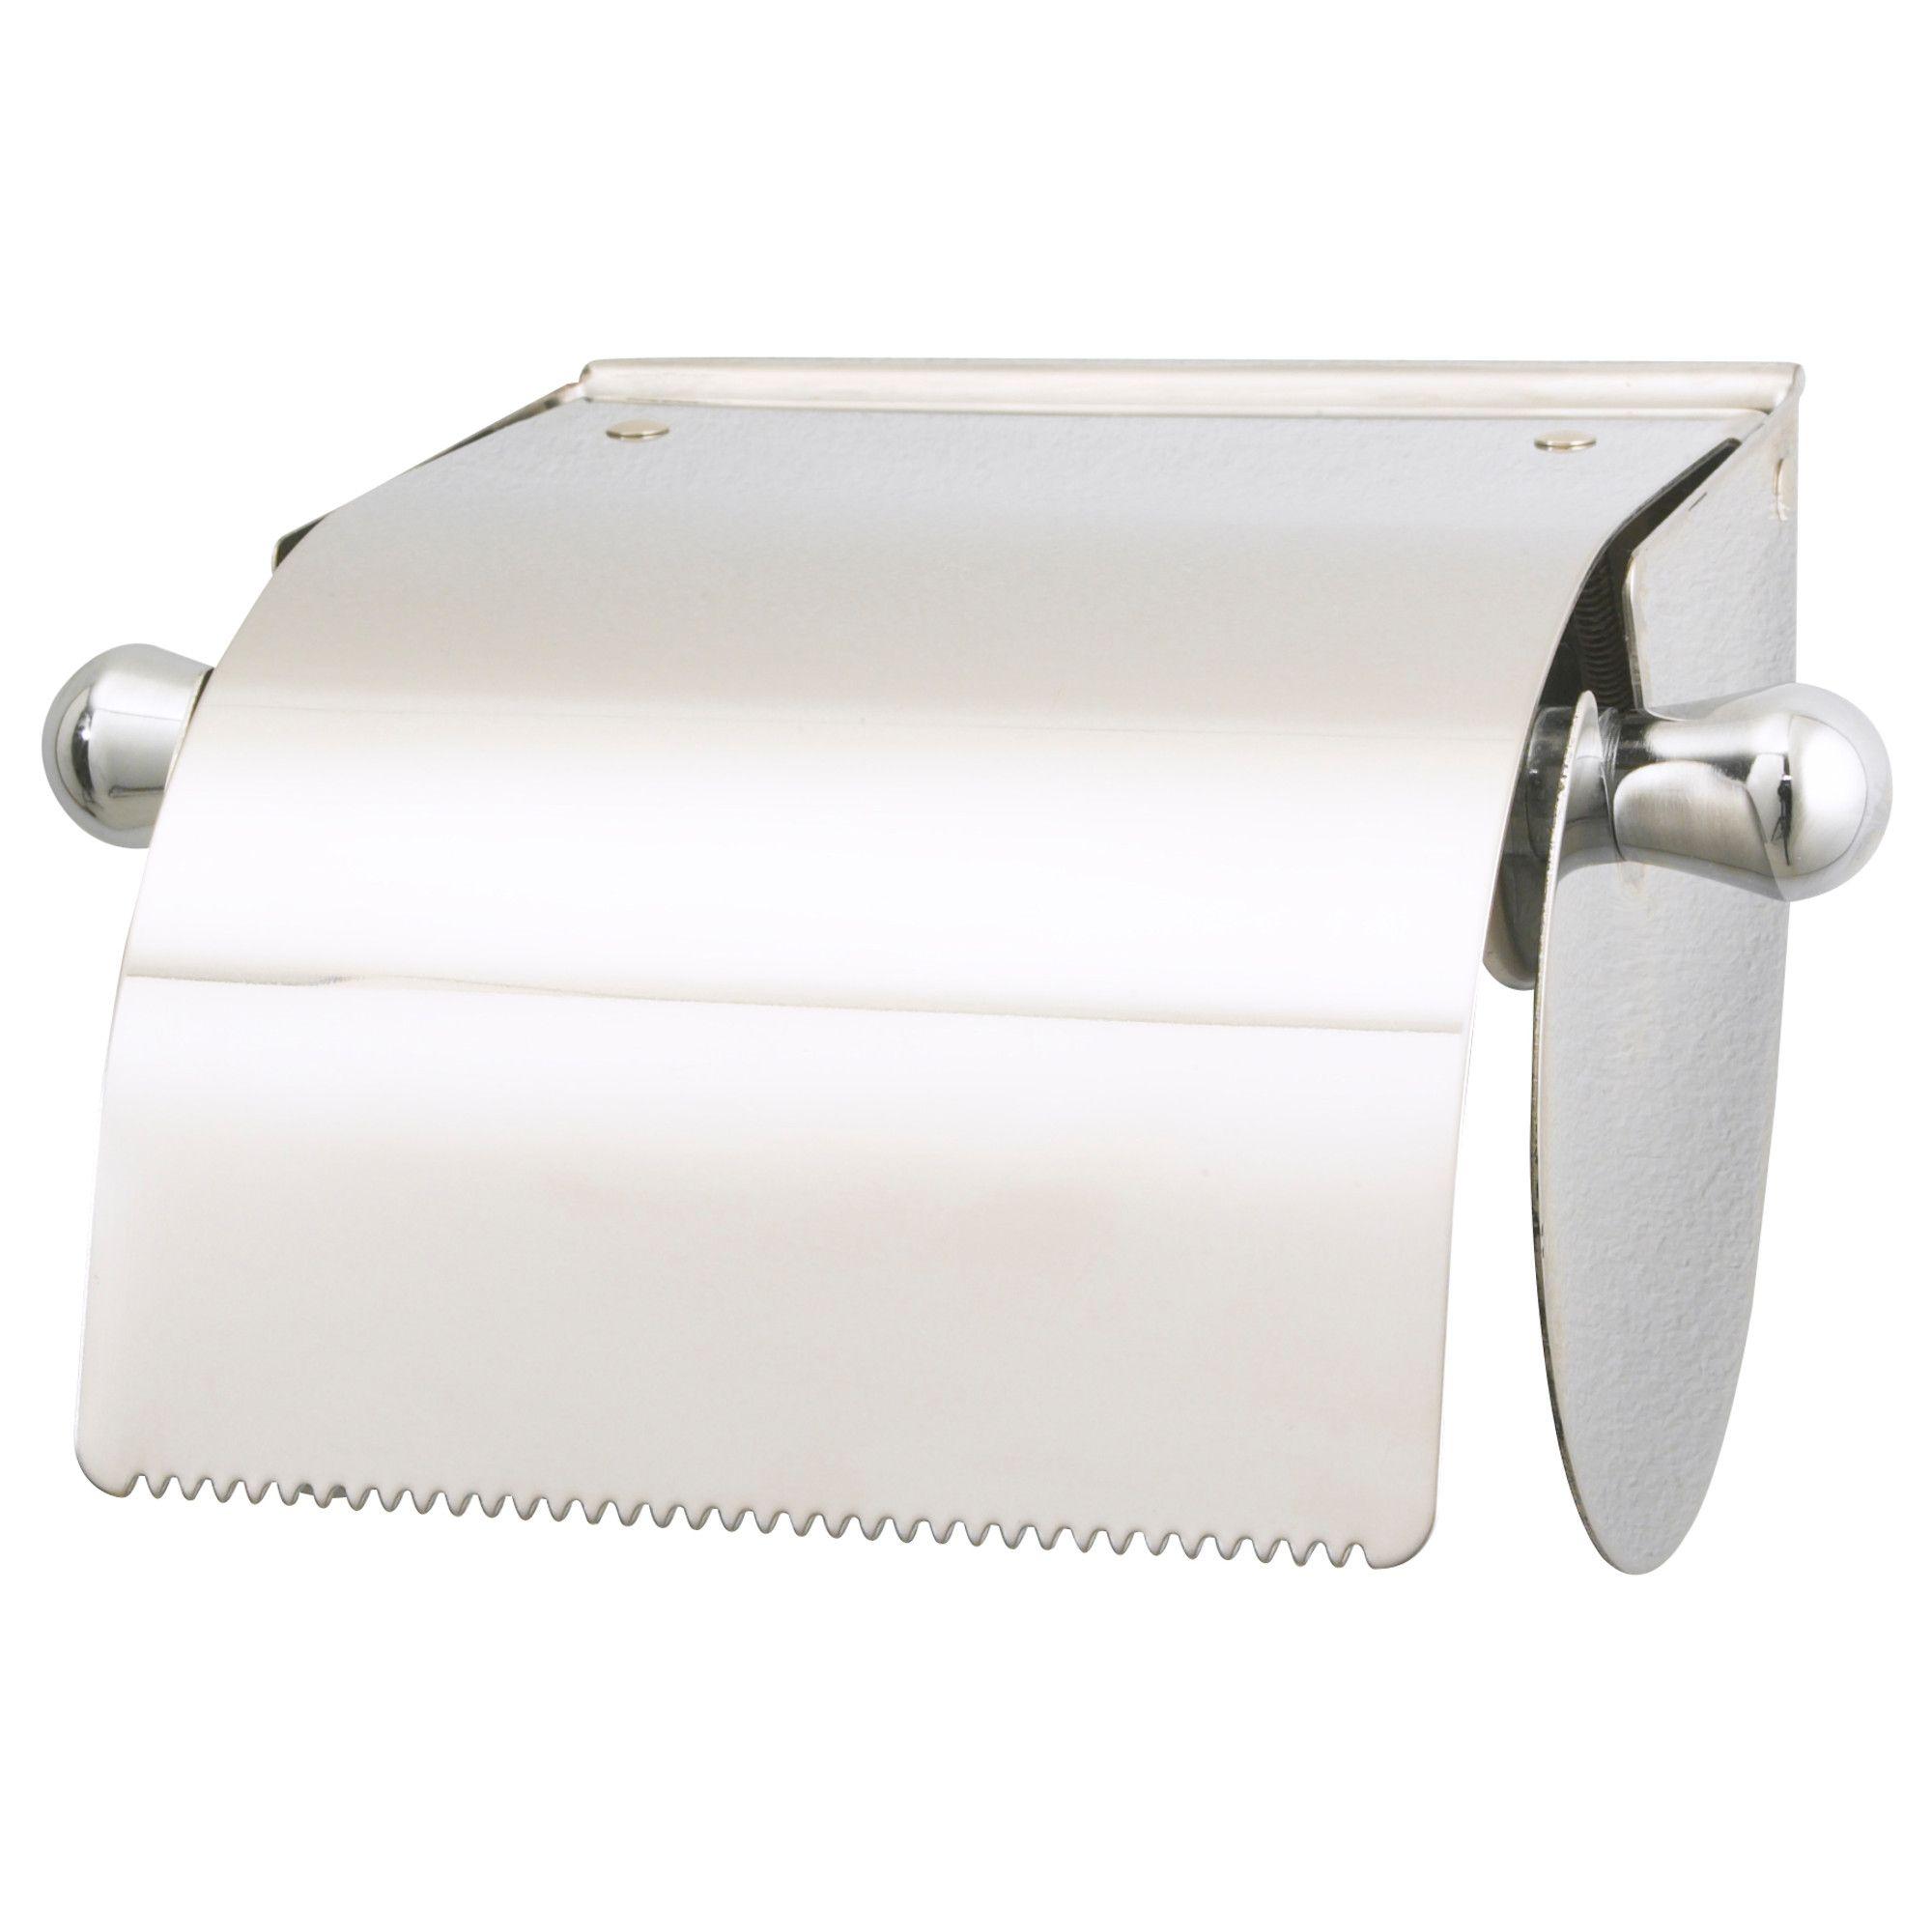 Ikea Kitchen Towel Holder Baren Toilet Roll Holder Chrome Plated Ikea Designer Tord